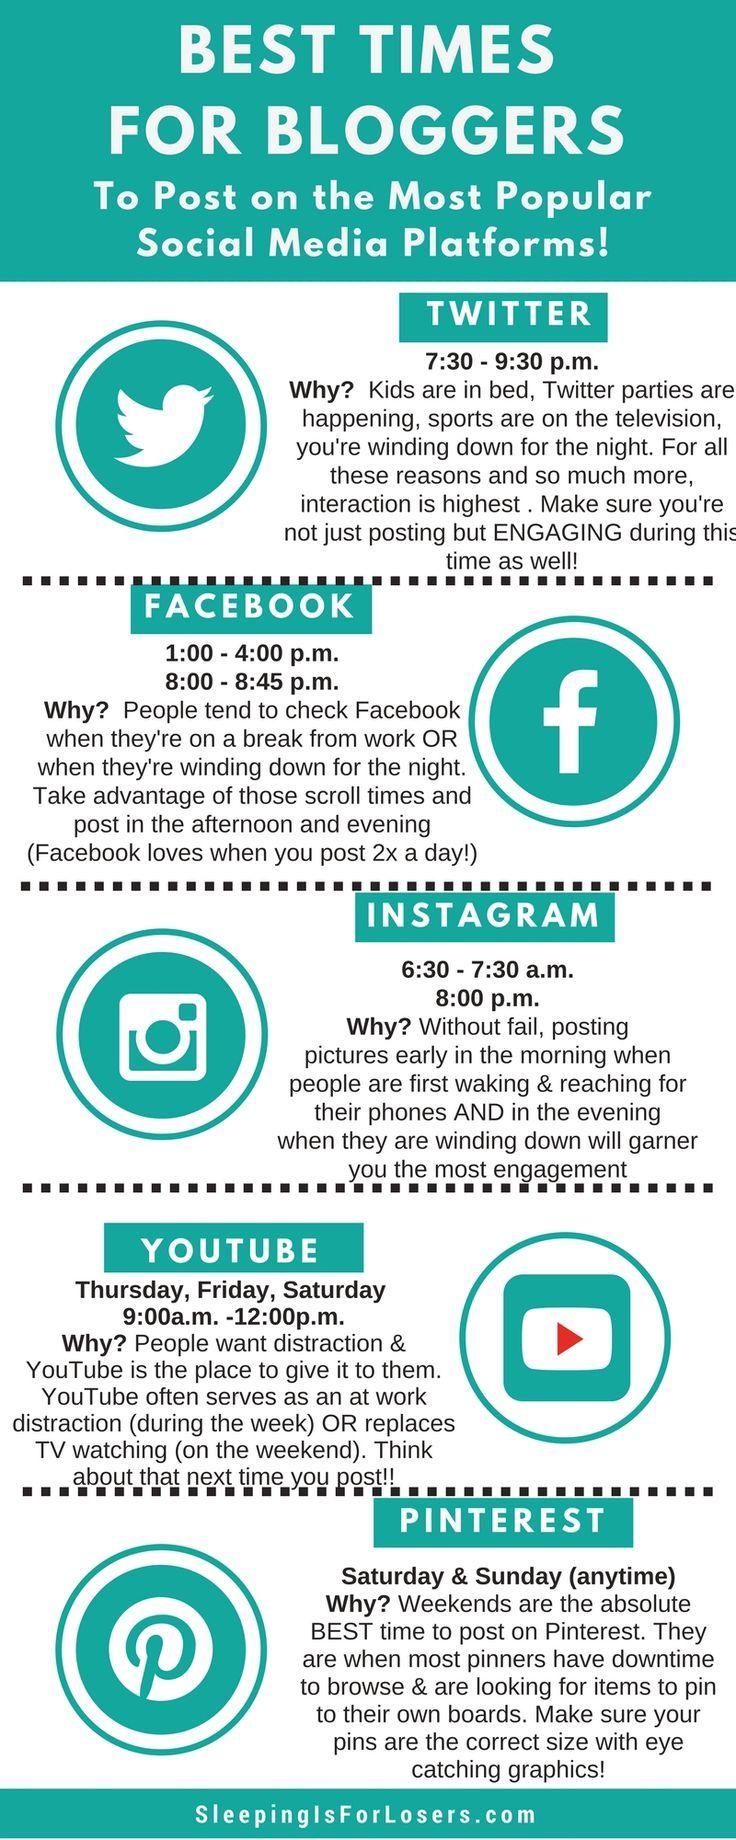 Instagram Pinterest Skyyamazin: 17 Best Ideas About Facebook Instagram On Pinterest